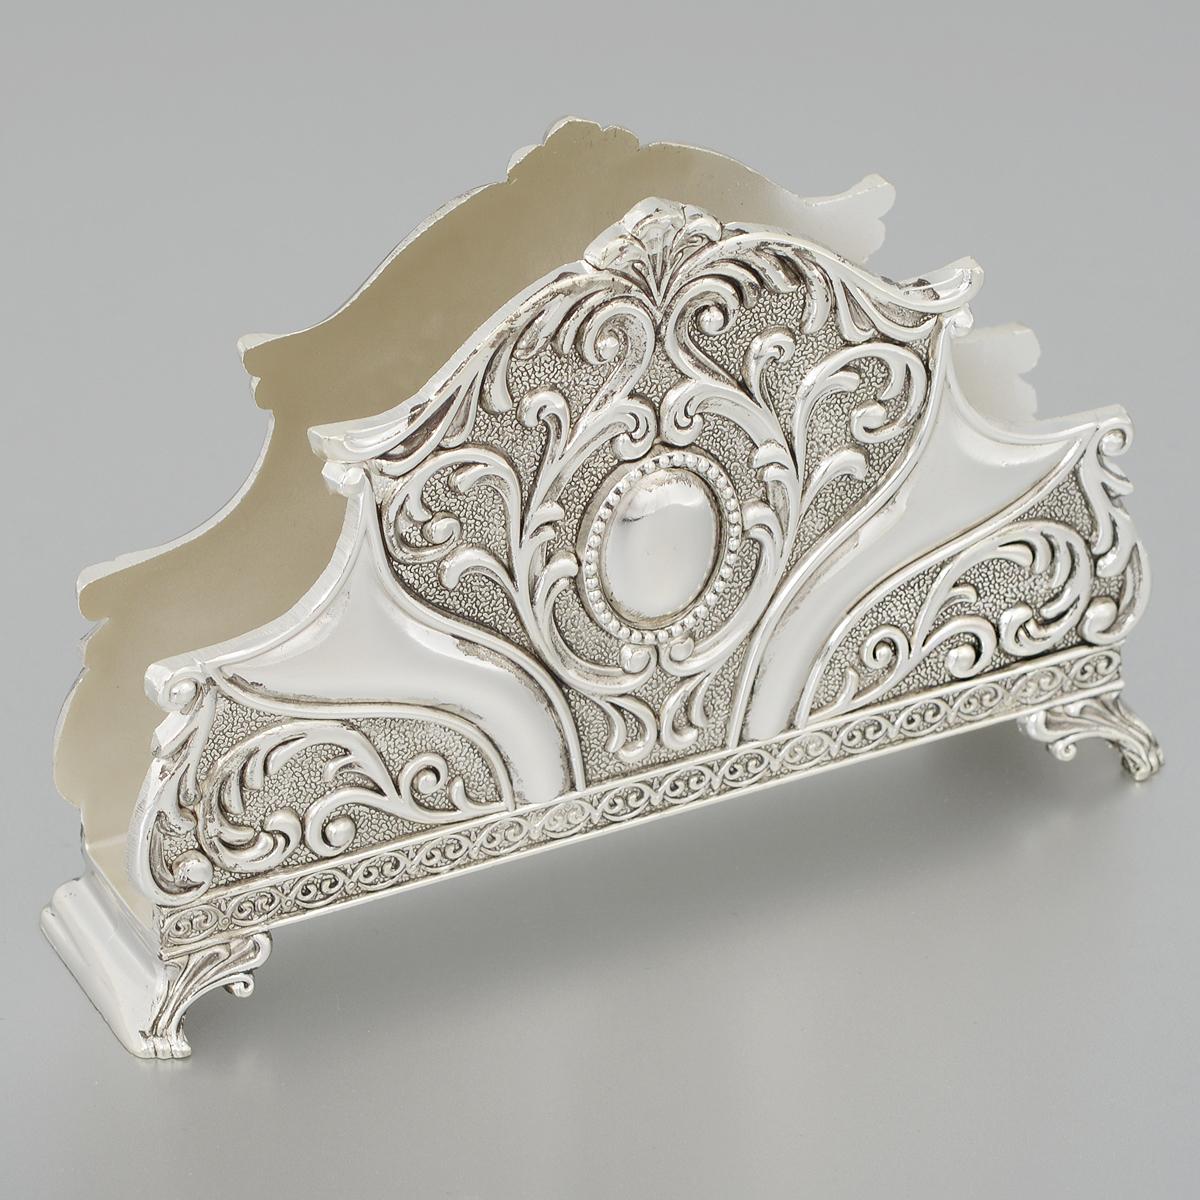 Салфетница Marquis. 2160-MR2160-MRСалфетница Marquis выполнена из стали с никель-серебряным покрытием и украшена изящным рельефом в классическом стиле. Такая салфетница прекрасно оформит праздничный стол и подчеркнет ваш изысканный вкус.